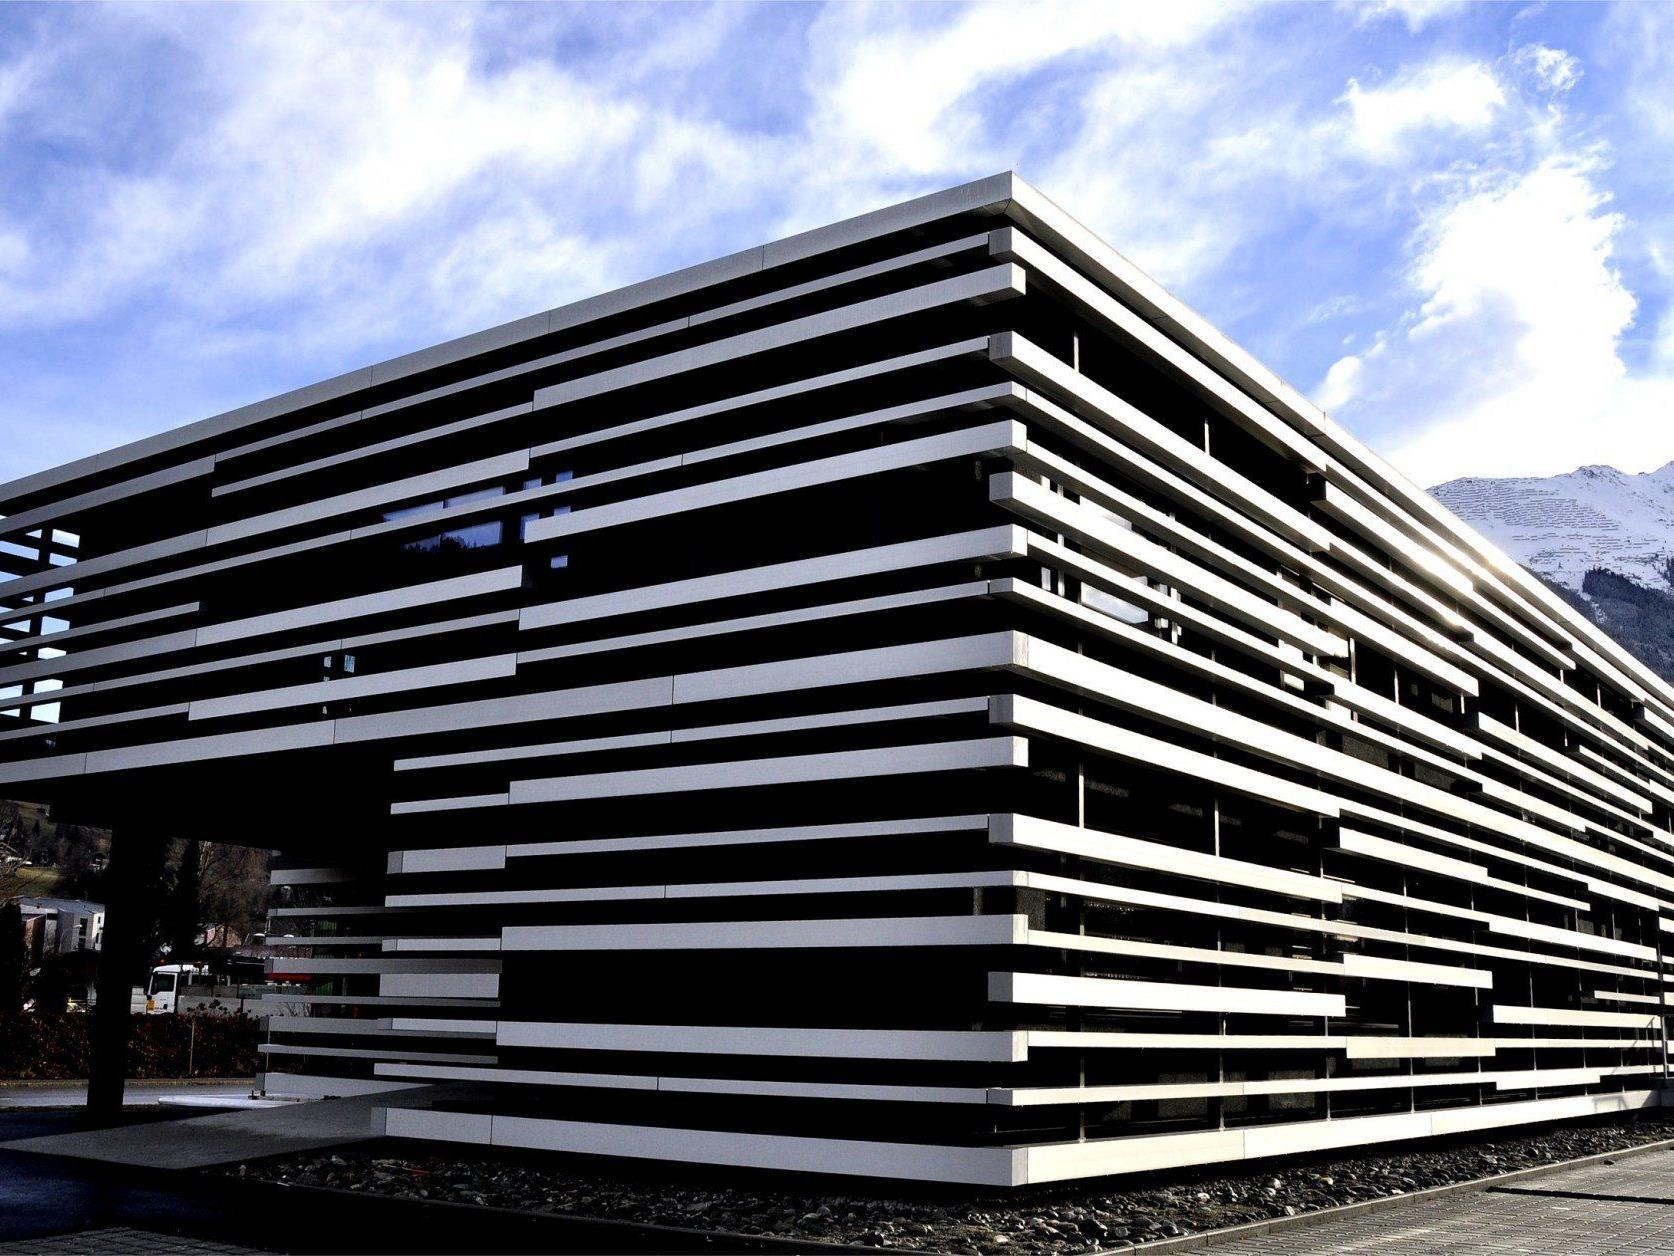 Der neue Firmensitz von Gantner Instruments glänzt durch innovatives Design.